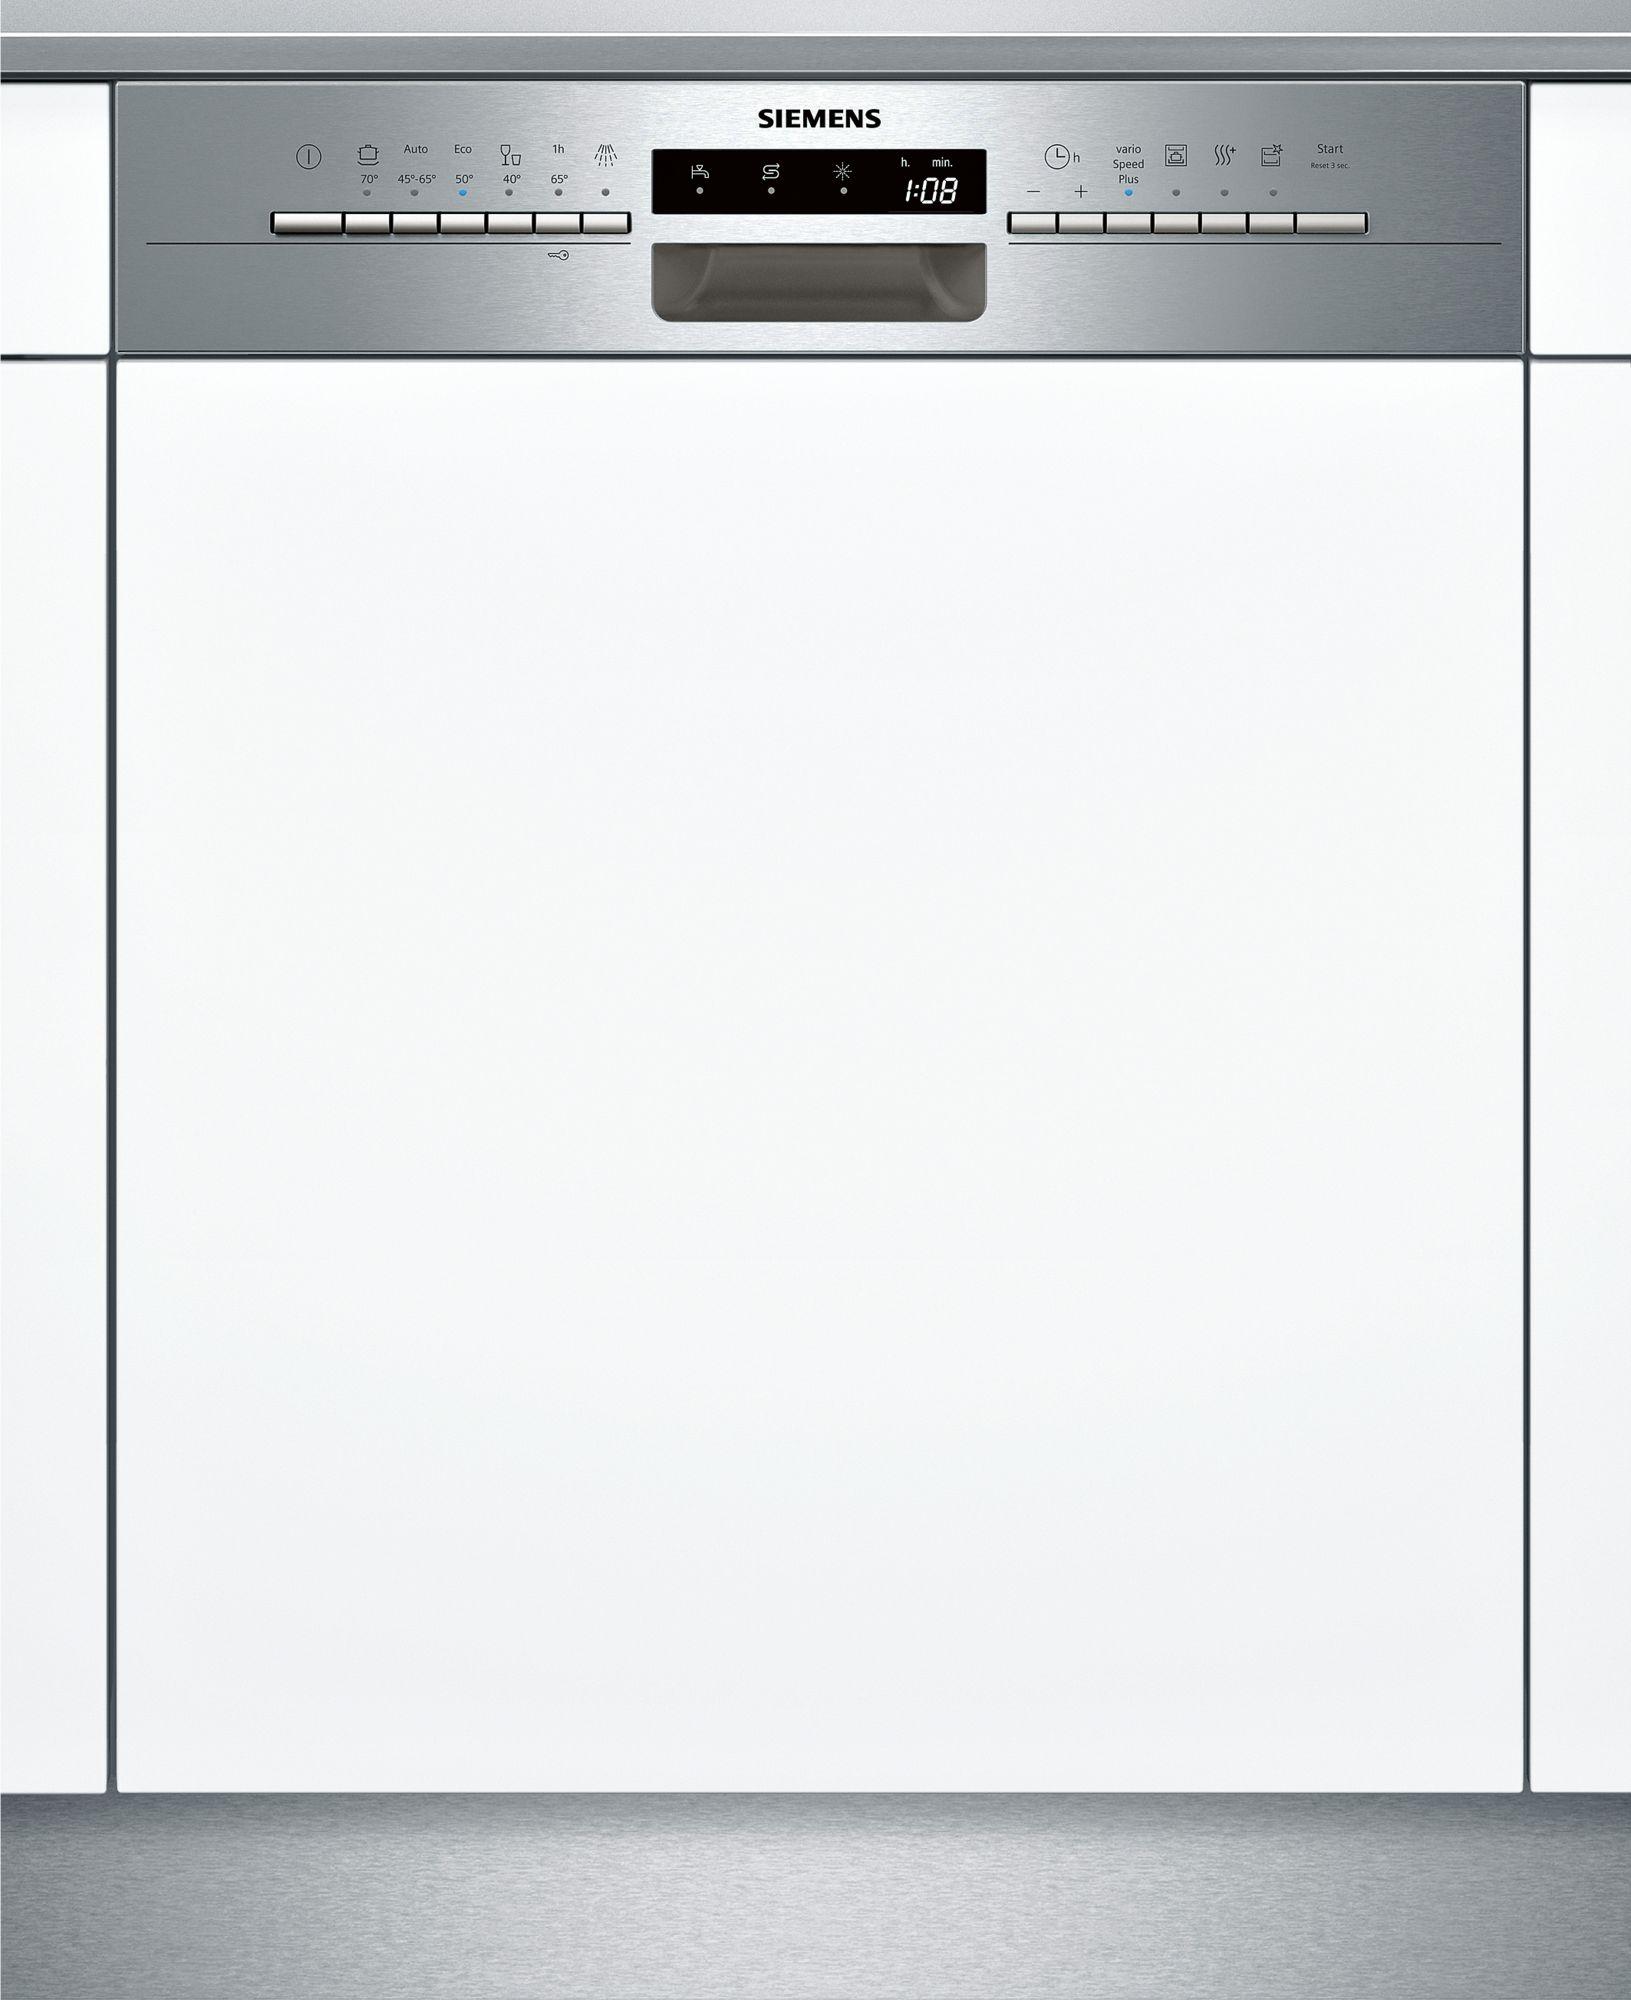 เครื่องล้างจานอัตโนมัติ SIEMENS รุ่น SN536S03IE